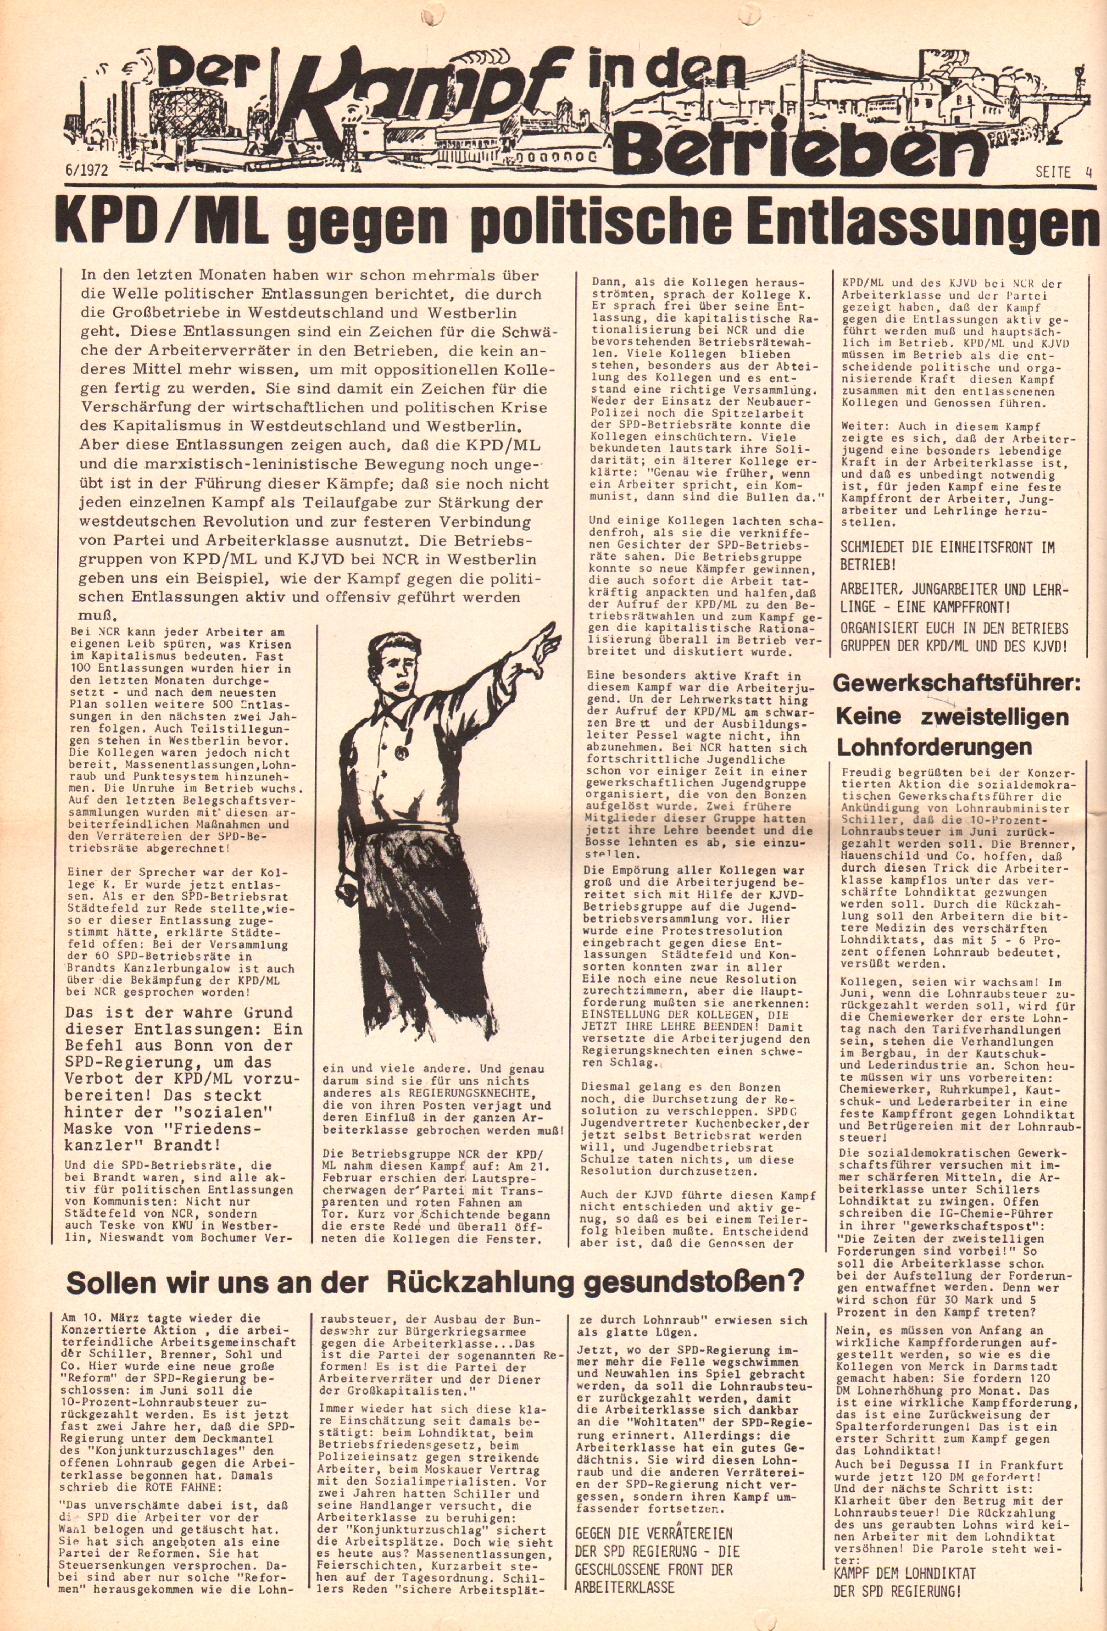 Rote Fahne, 3. Jg., 20.3.1972, Nr. 6, Seite 4